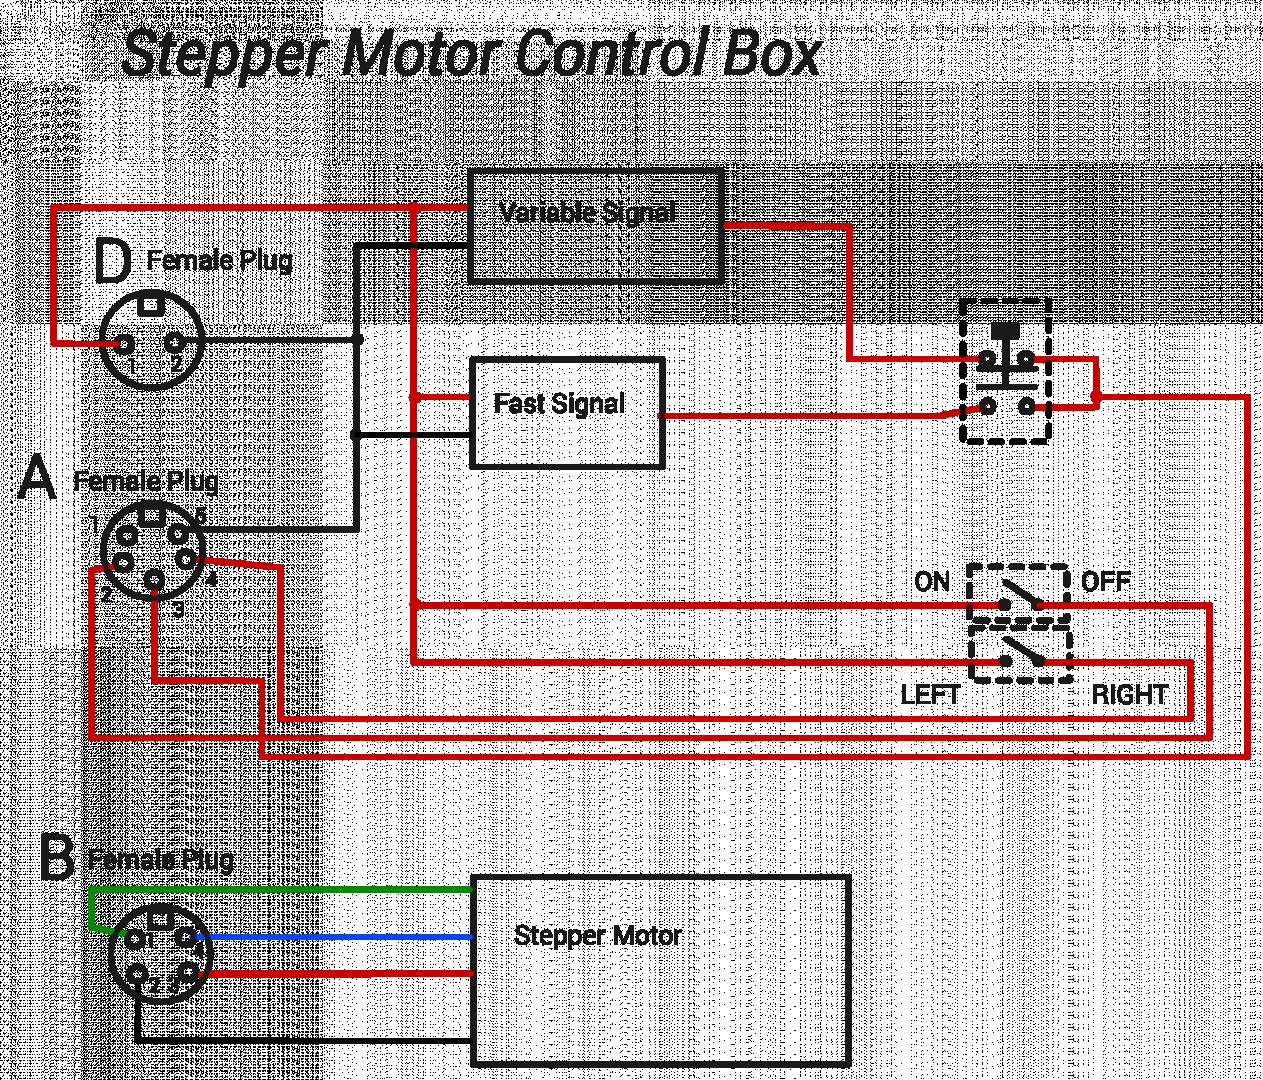 Stepper_Motor_Control_Box_3.png